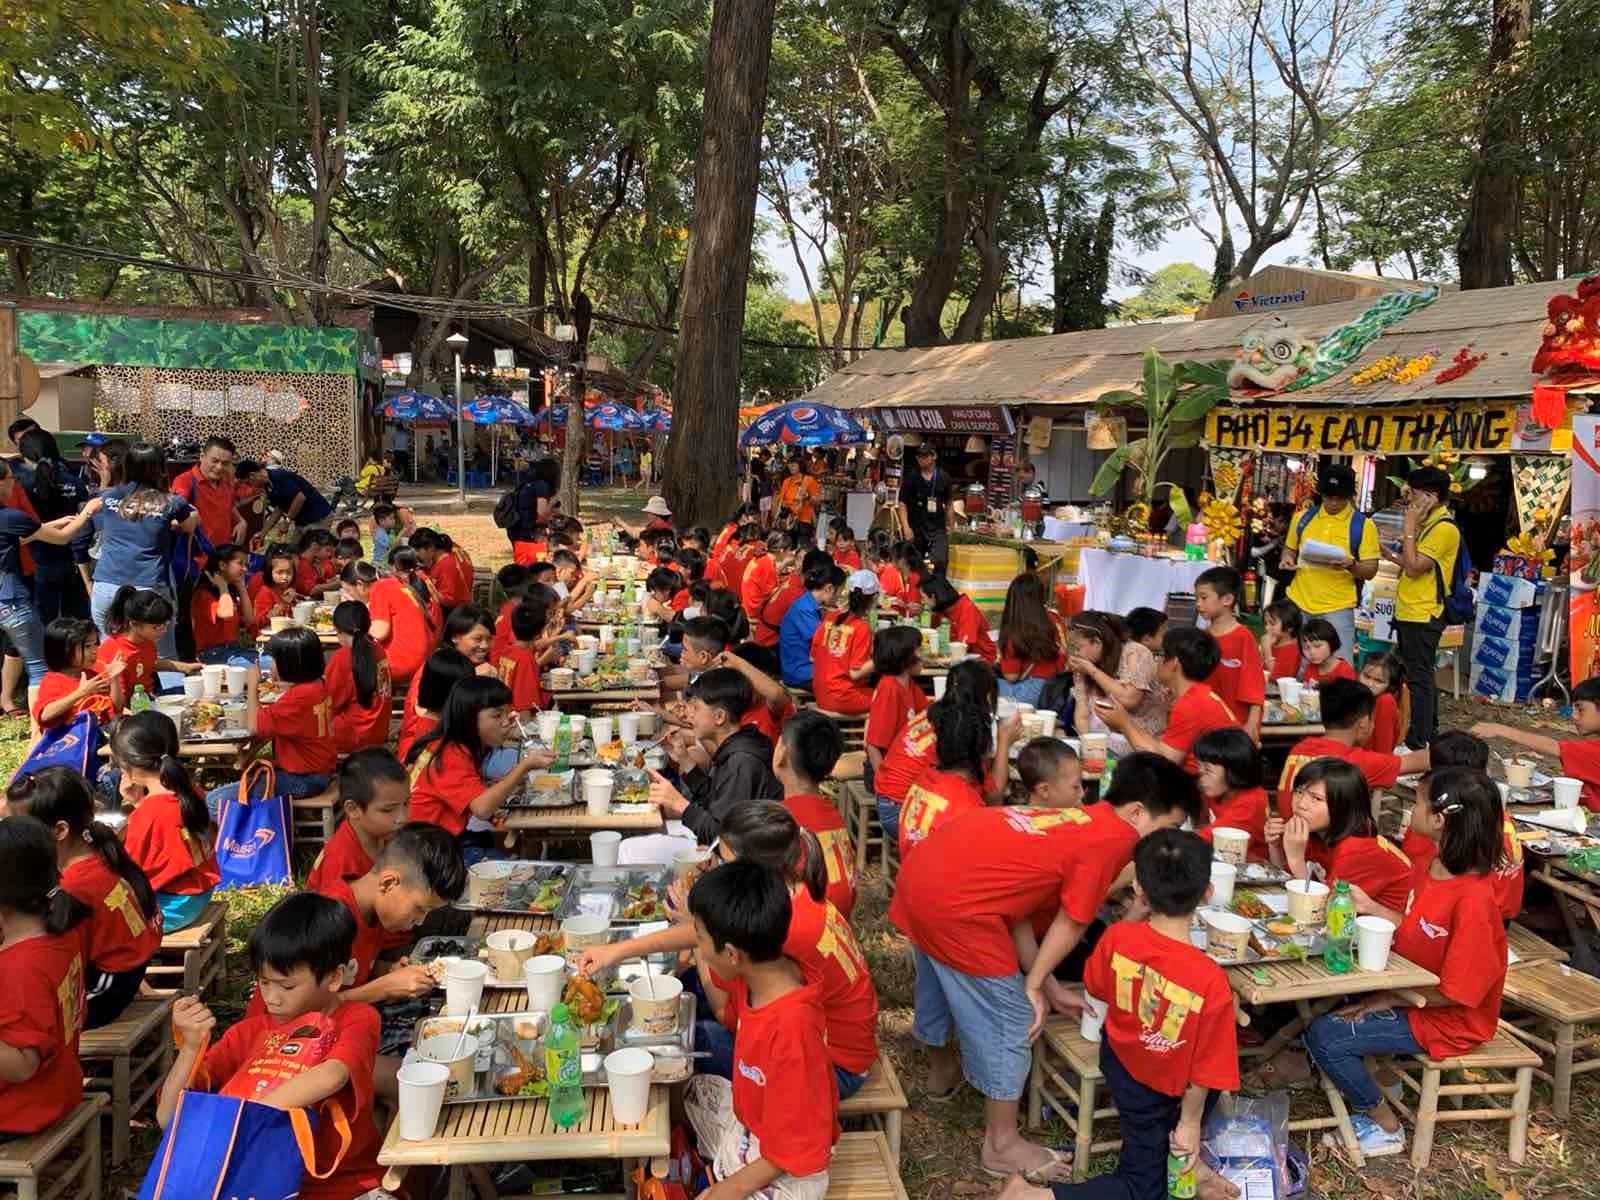 Ngoài tham gia trò chơi, trải nghiệm không gian Tết Việt, các em còn được thưởng thức ẩm thực truyền thống ngay trong khuôn viên lễ hội